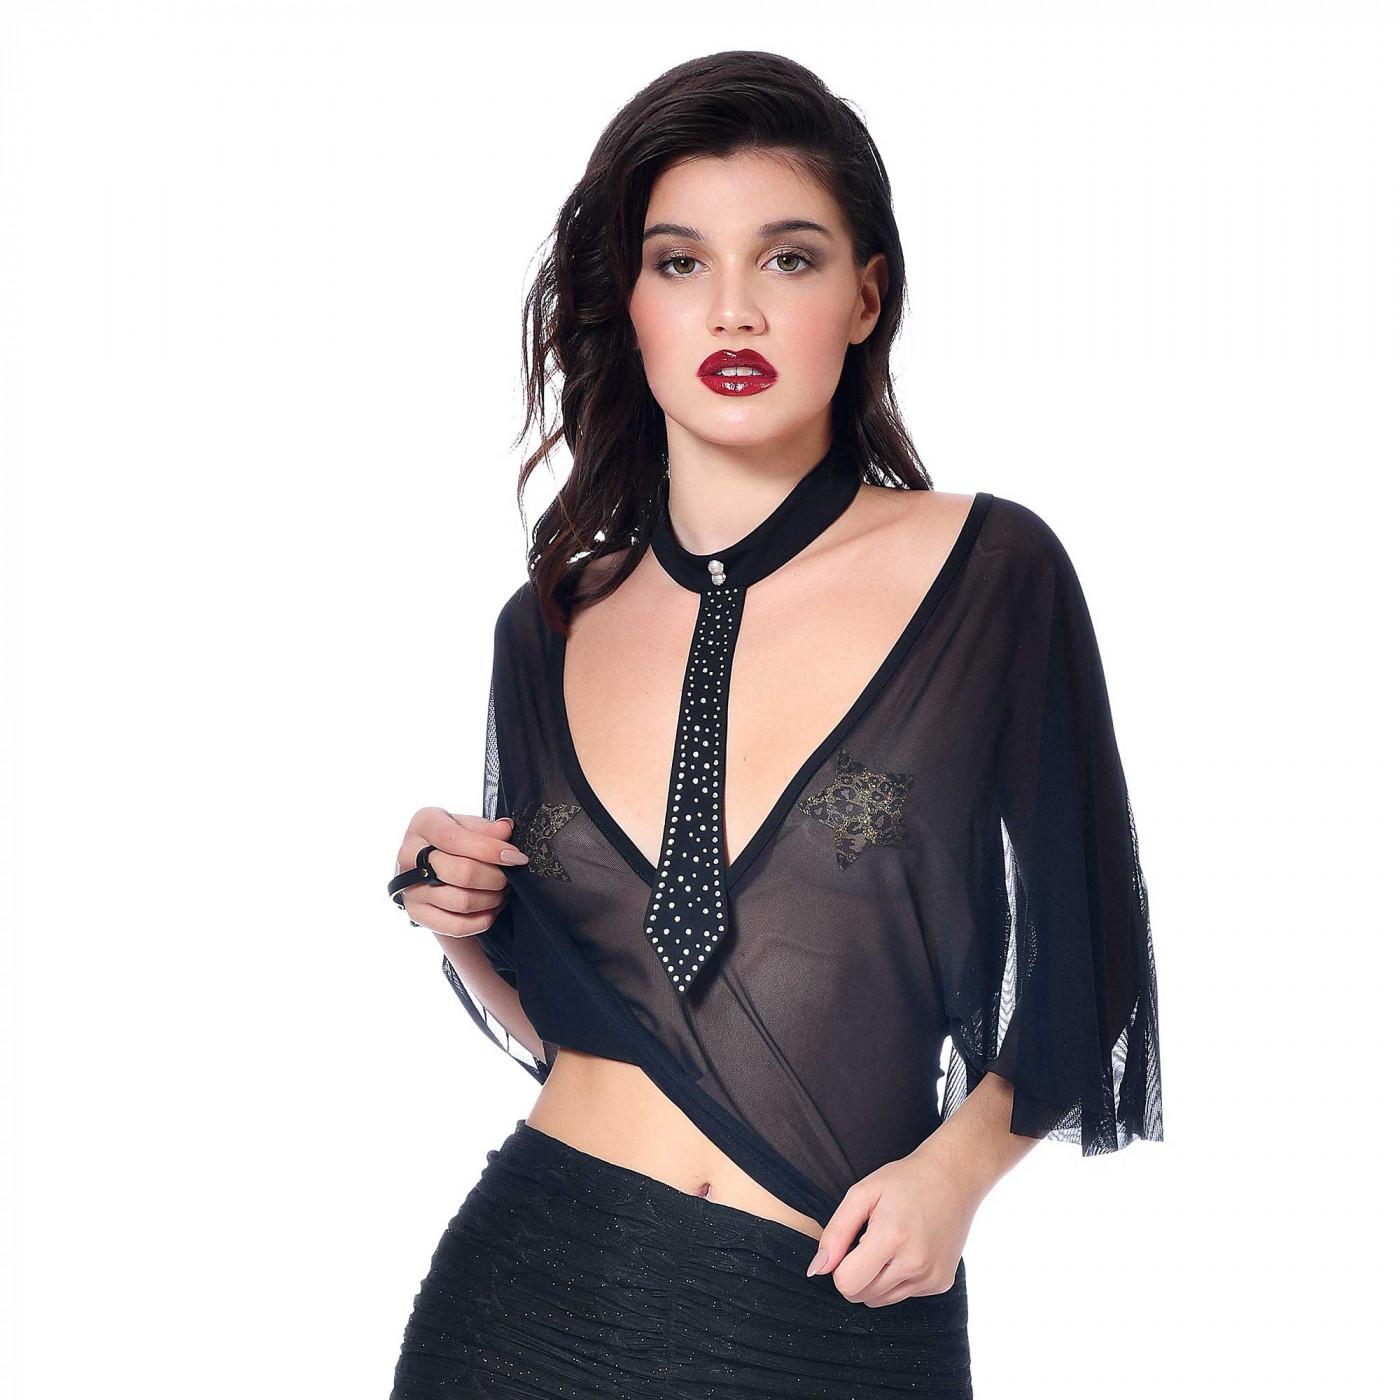 Topaze, top sexy en résille noire  - Patrice Catanzaro site Officiel